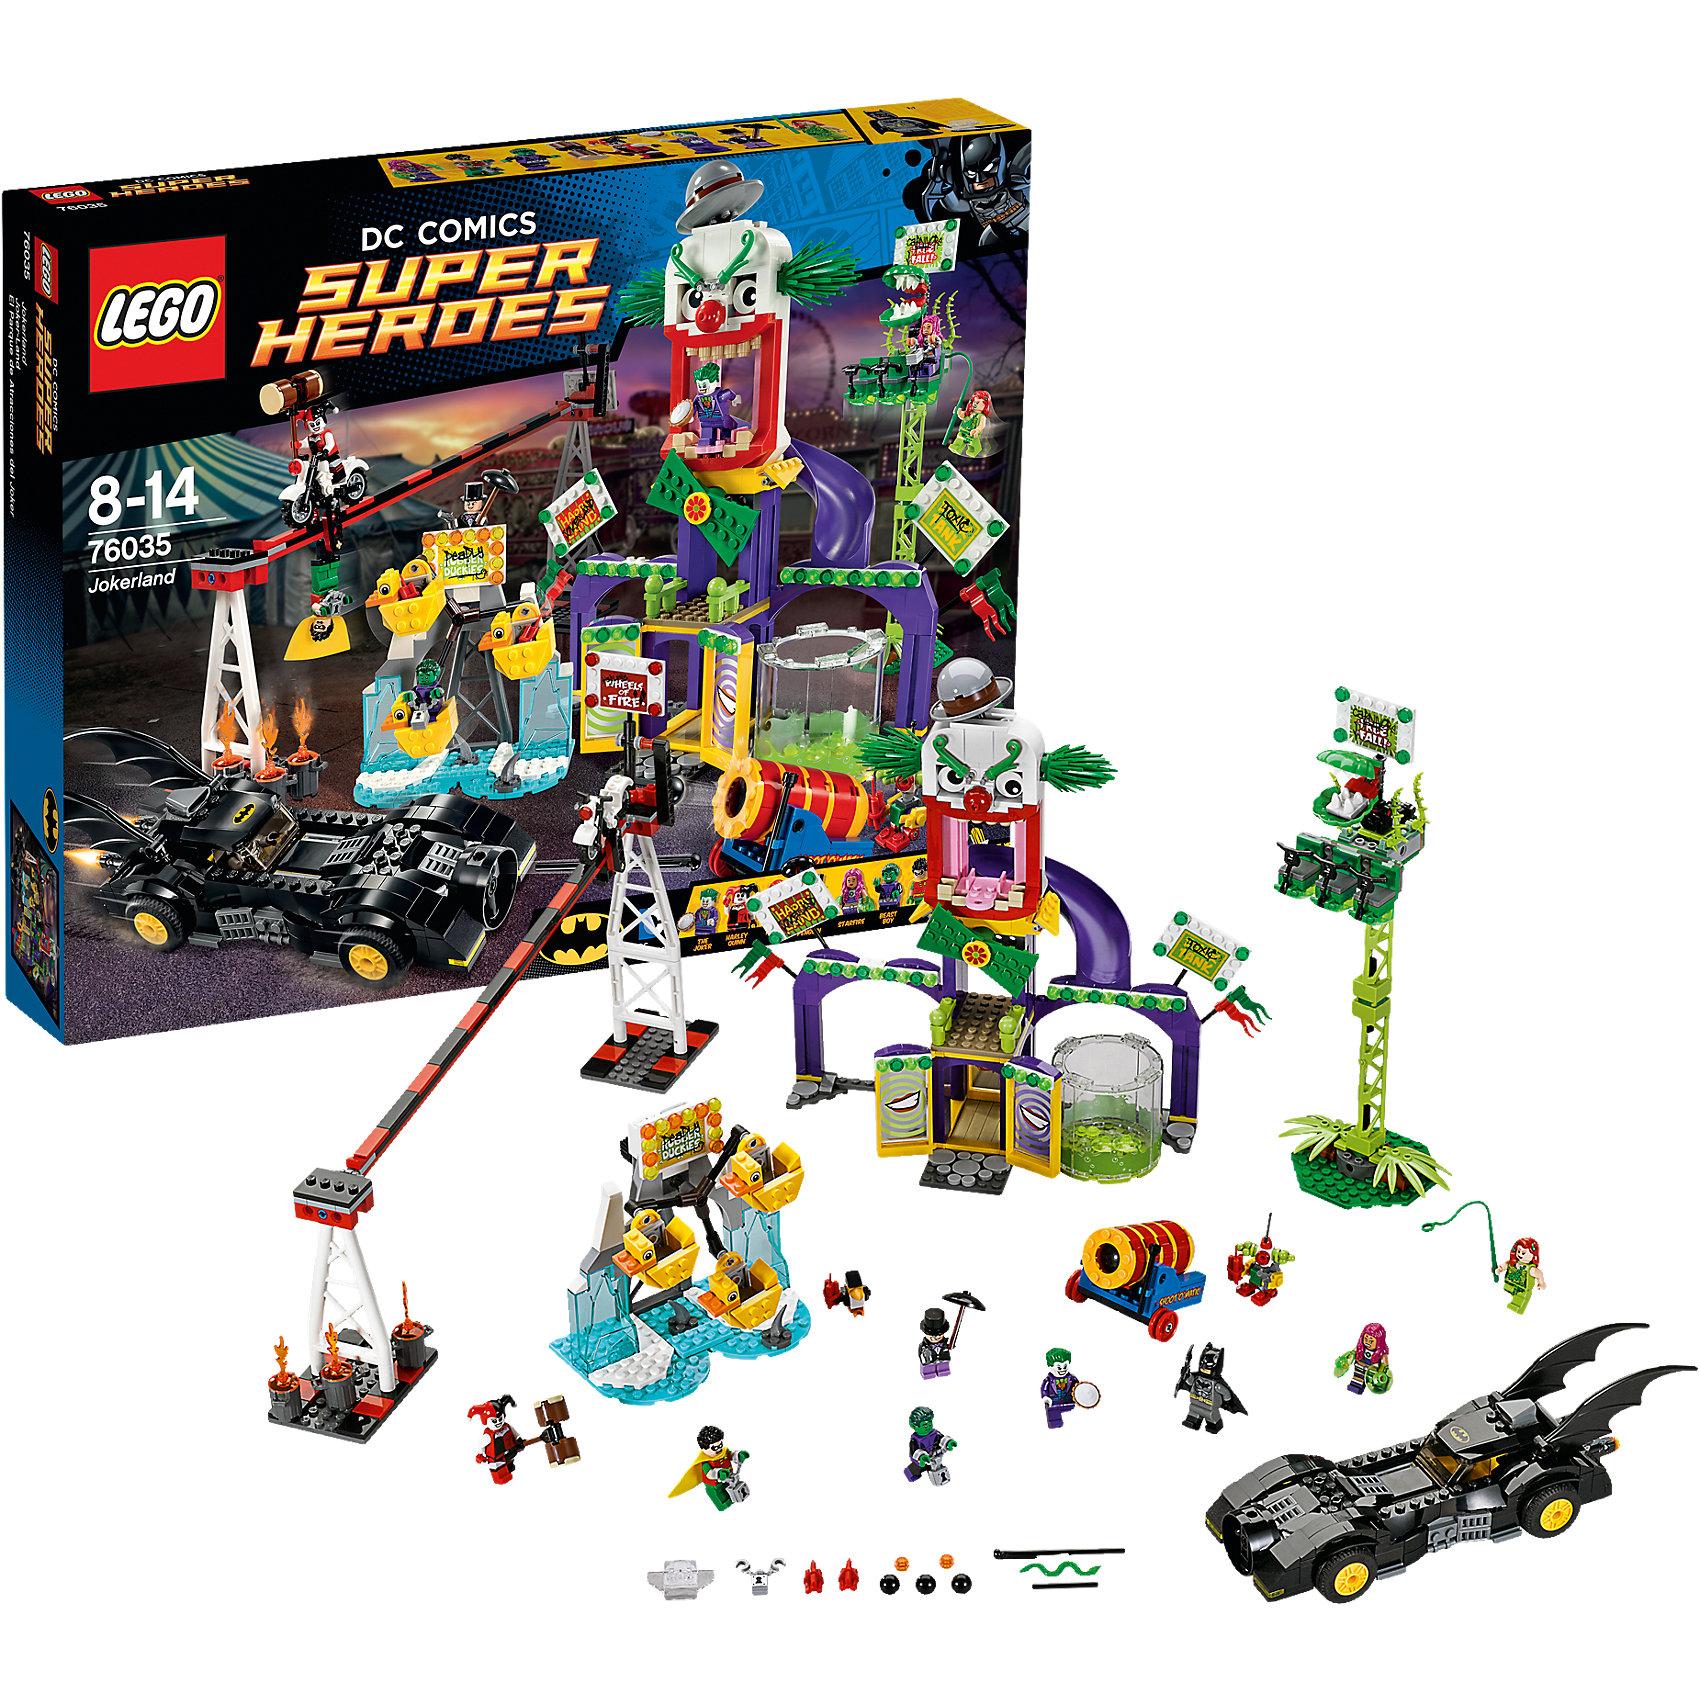 LEGO Super Heroes 76035: ДжокерлендЗамечательная новинка 2015 года от LEGO Super Heroes (ЛЕГО Супер Герои) 76035: Джокерленд. Джокер замыслил немыслимое по размаху злодеяние: превратить прекрасный парк, любимый жителями Готэм-Сити в Джокерленд. Гениальный злодей знает, что предстоит большая битва, но у него припрятаны тузы в рукаве: он взял в заложники Робина, Звереныша и Старфаера. Но запугать отважного Бэтмена не так просто. Как только он услышал о грозящей беде, сразу запрыгнул в Бэтмобиль и бросился на помощь мирным жителям города. Джокер приготовил Бэтмену множество испытаний: <br>уклоняться на полном ходу от пушки и целиться в клоуна, сразиться в поединке с Харли и сбросить Пингвина с пьедестала. Однако отдыхать некогда: Ядовитый плющ в любую минуту готов ужалить Бэтмена. Создай собственные захватывающие сюжеты, ведь в наборе Джокерленд столько всего интересного!<br><br>LEGO Super Heroes (ЛЕГО Супер Герои) - серия конструкторов созданная специально по мотивам всеми известных комиксов. Спасай мир и борись со злом вместе с любимыми супергероями! Наборы серии можно комбинировать между собой, давая безграничный простор для фантазии и придумывая свои новые истории. <br><br>Дополнительная информация:<br><br>- Конструкторы LEGO (ЛЕГО) развивают усидчивость, внимание, фантазию и мелкую моторику; <br>- В комплекте 8 минифигурок с аксессуарами: Робин, Пингвин, Звереныш, Джокер, Старфаер, Ядовитый плющ, Харли и Бэтмен;<br>- Количество деталей: 1037 шт;<br>- Серия ЛЕГО Супер Герои (LEGO Super Heroes);<br>- Материал: пластик;<br>- Размер: 48 х 37,8 х 7,1 см;<br>- Вес: 3 кг<br><br>Конструктор LEGO Super Heroes (ЛЕГО Супер Герои) 76035: Джокерленд, можно купить в нашем магазине.<br><br>Ширина мм: 482<br>Глубина мм: 375<br>Высота мм: 83<br>Вес г: 1738<br>Возраст от месяцев: 96<br>Возраст до месяцев: 168<br>Пол: Мужской<br>Возраст: Детский<br>SKU: 4047385